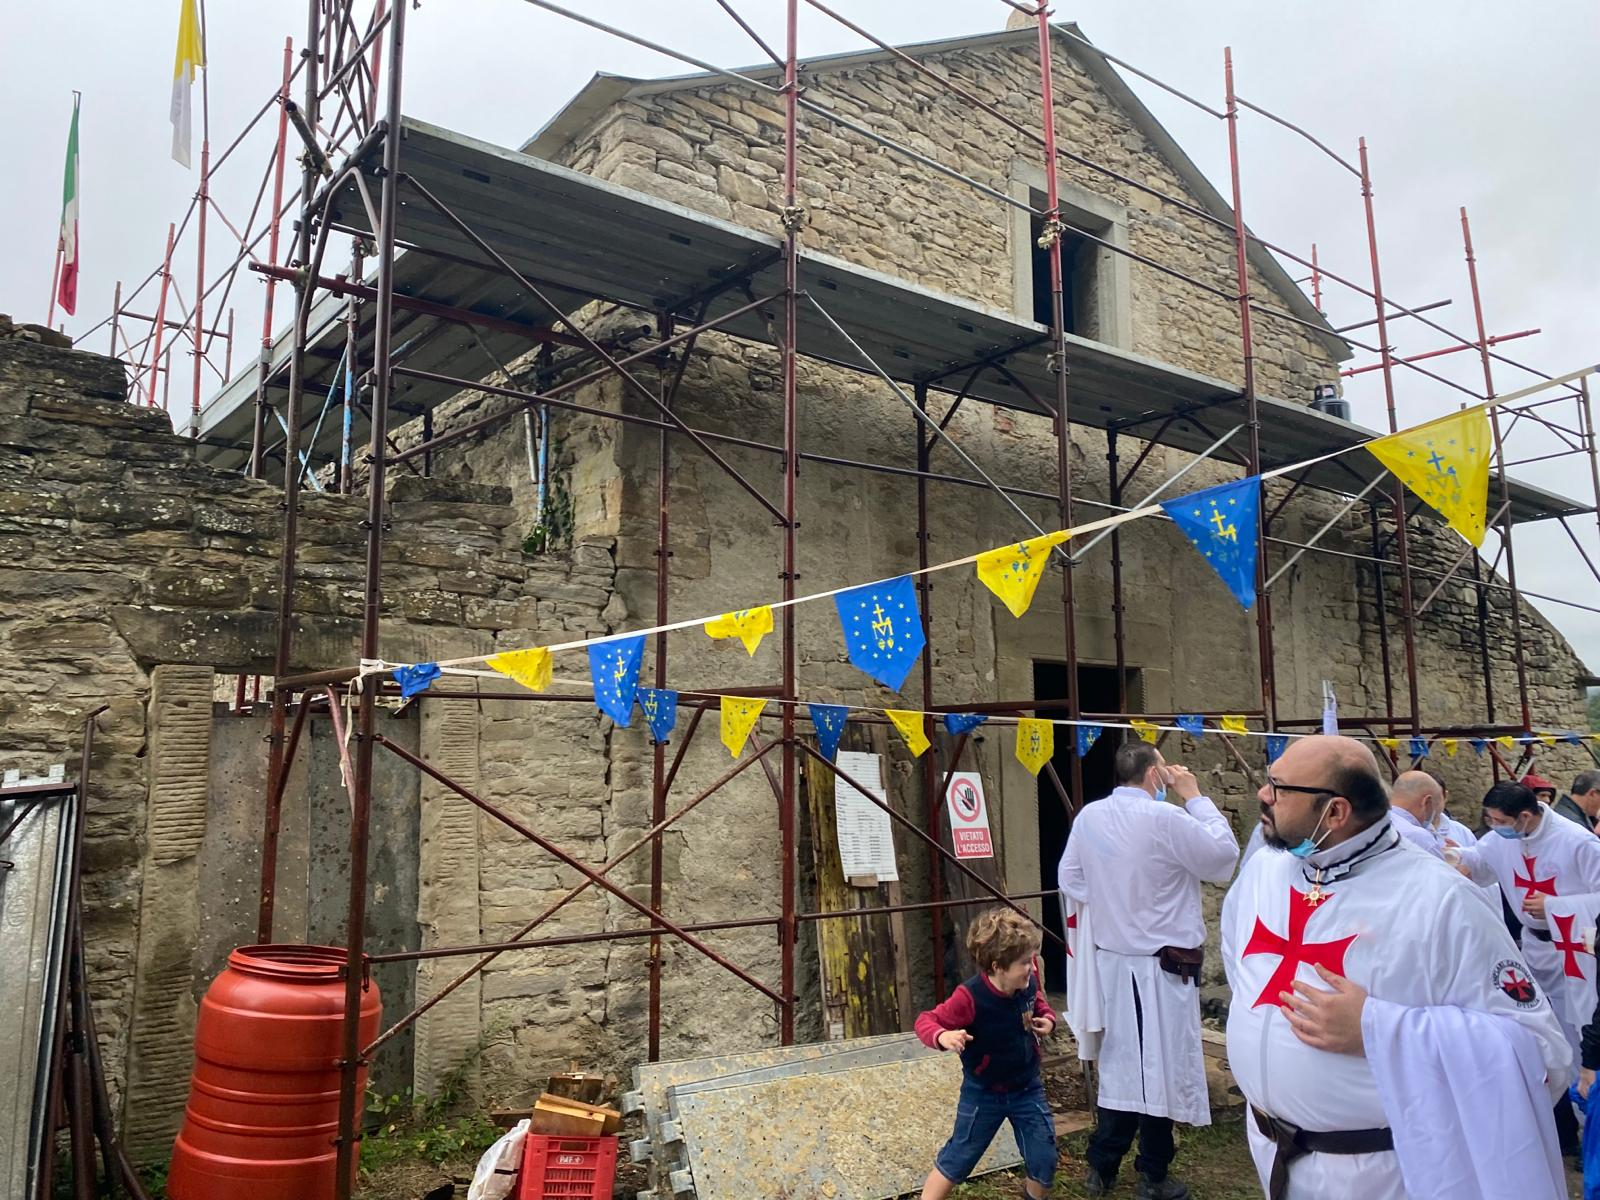 Partecipazione all'innaugurazione della Chiesa San Michele la Torre a Palazzuolo (RA) 26.09.2021